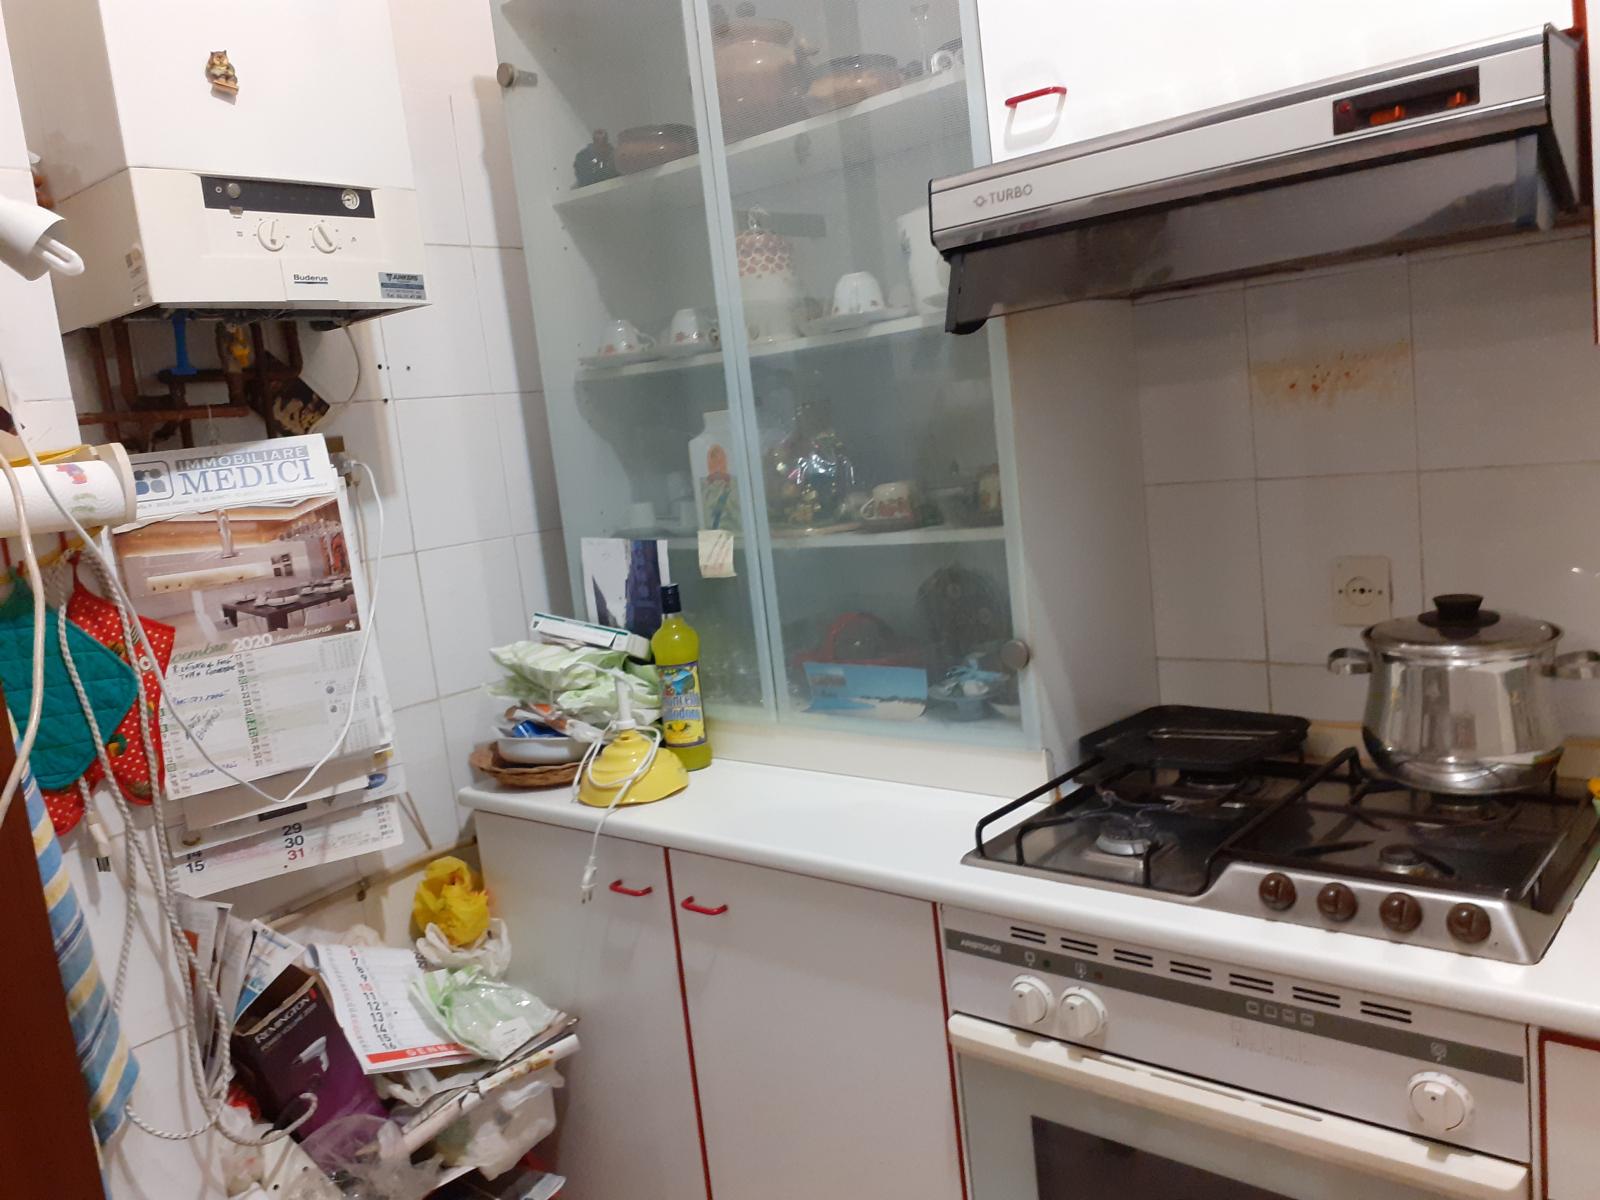 appartamento-in-vendita-a-baggio-milano-2-locali-bilocale-spaziourbano-immobiliare-vende-6